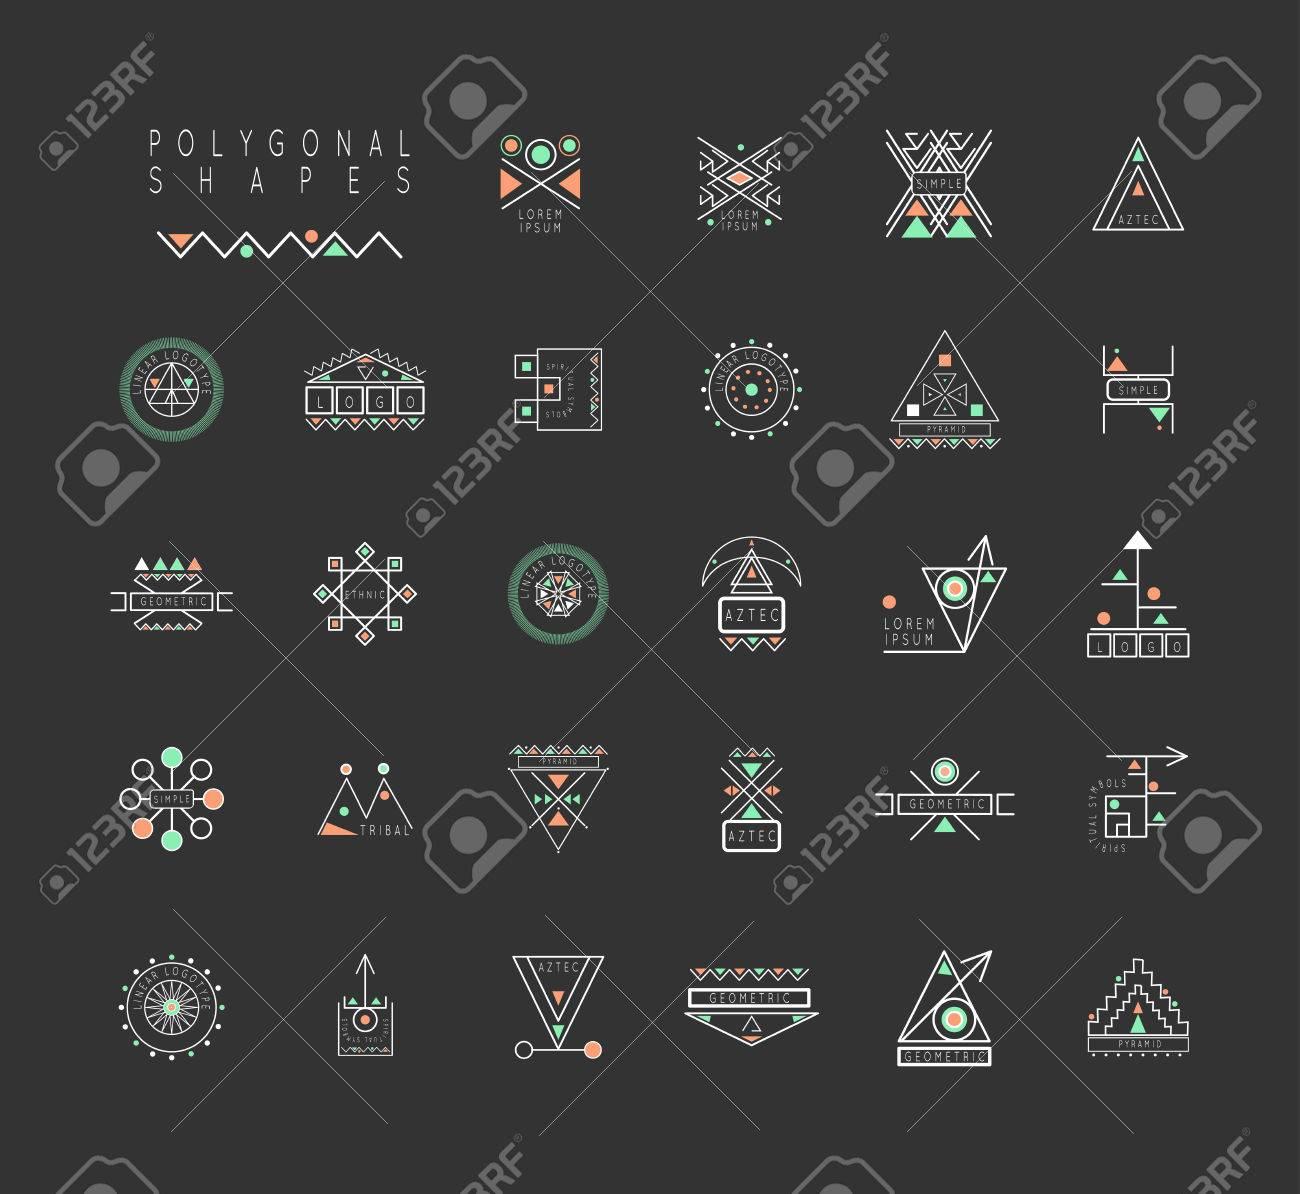 Géométrie Sacrée. Jeu De Formes Géométriques Minimales. Signes D'affaires,  Étiquettes, Hippie Mode Icônes Linéaires. Religion, Philosophie, dedans Jeu De Forme Géométrique